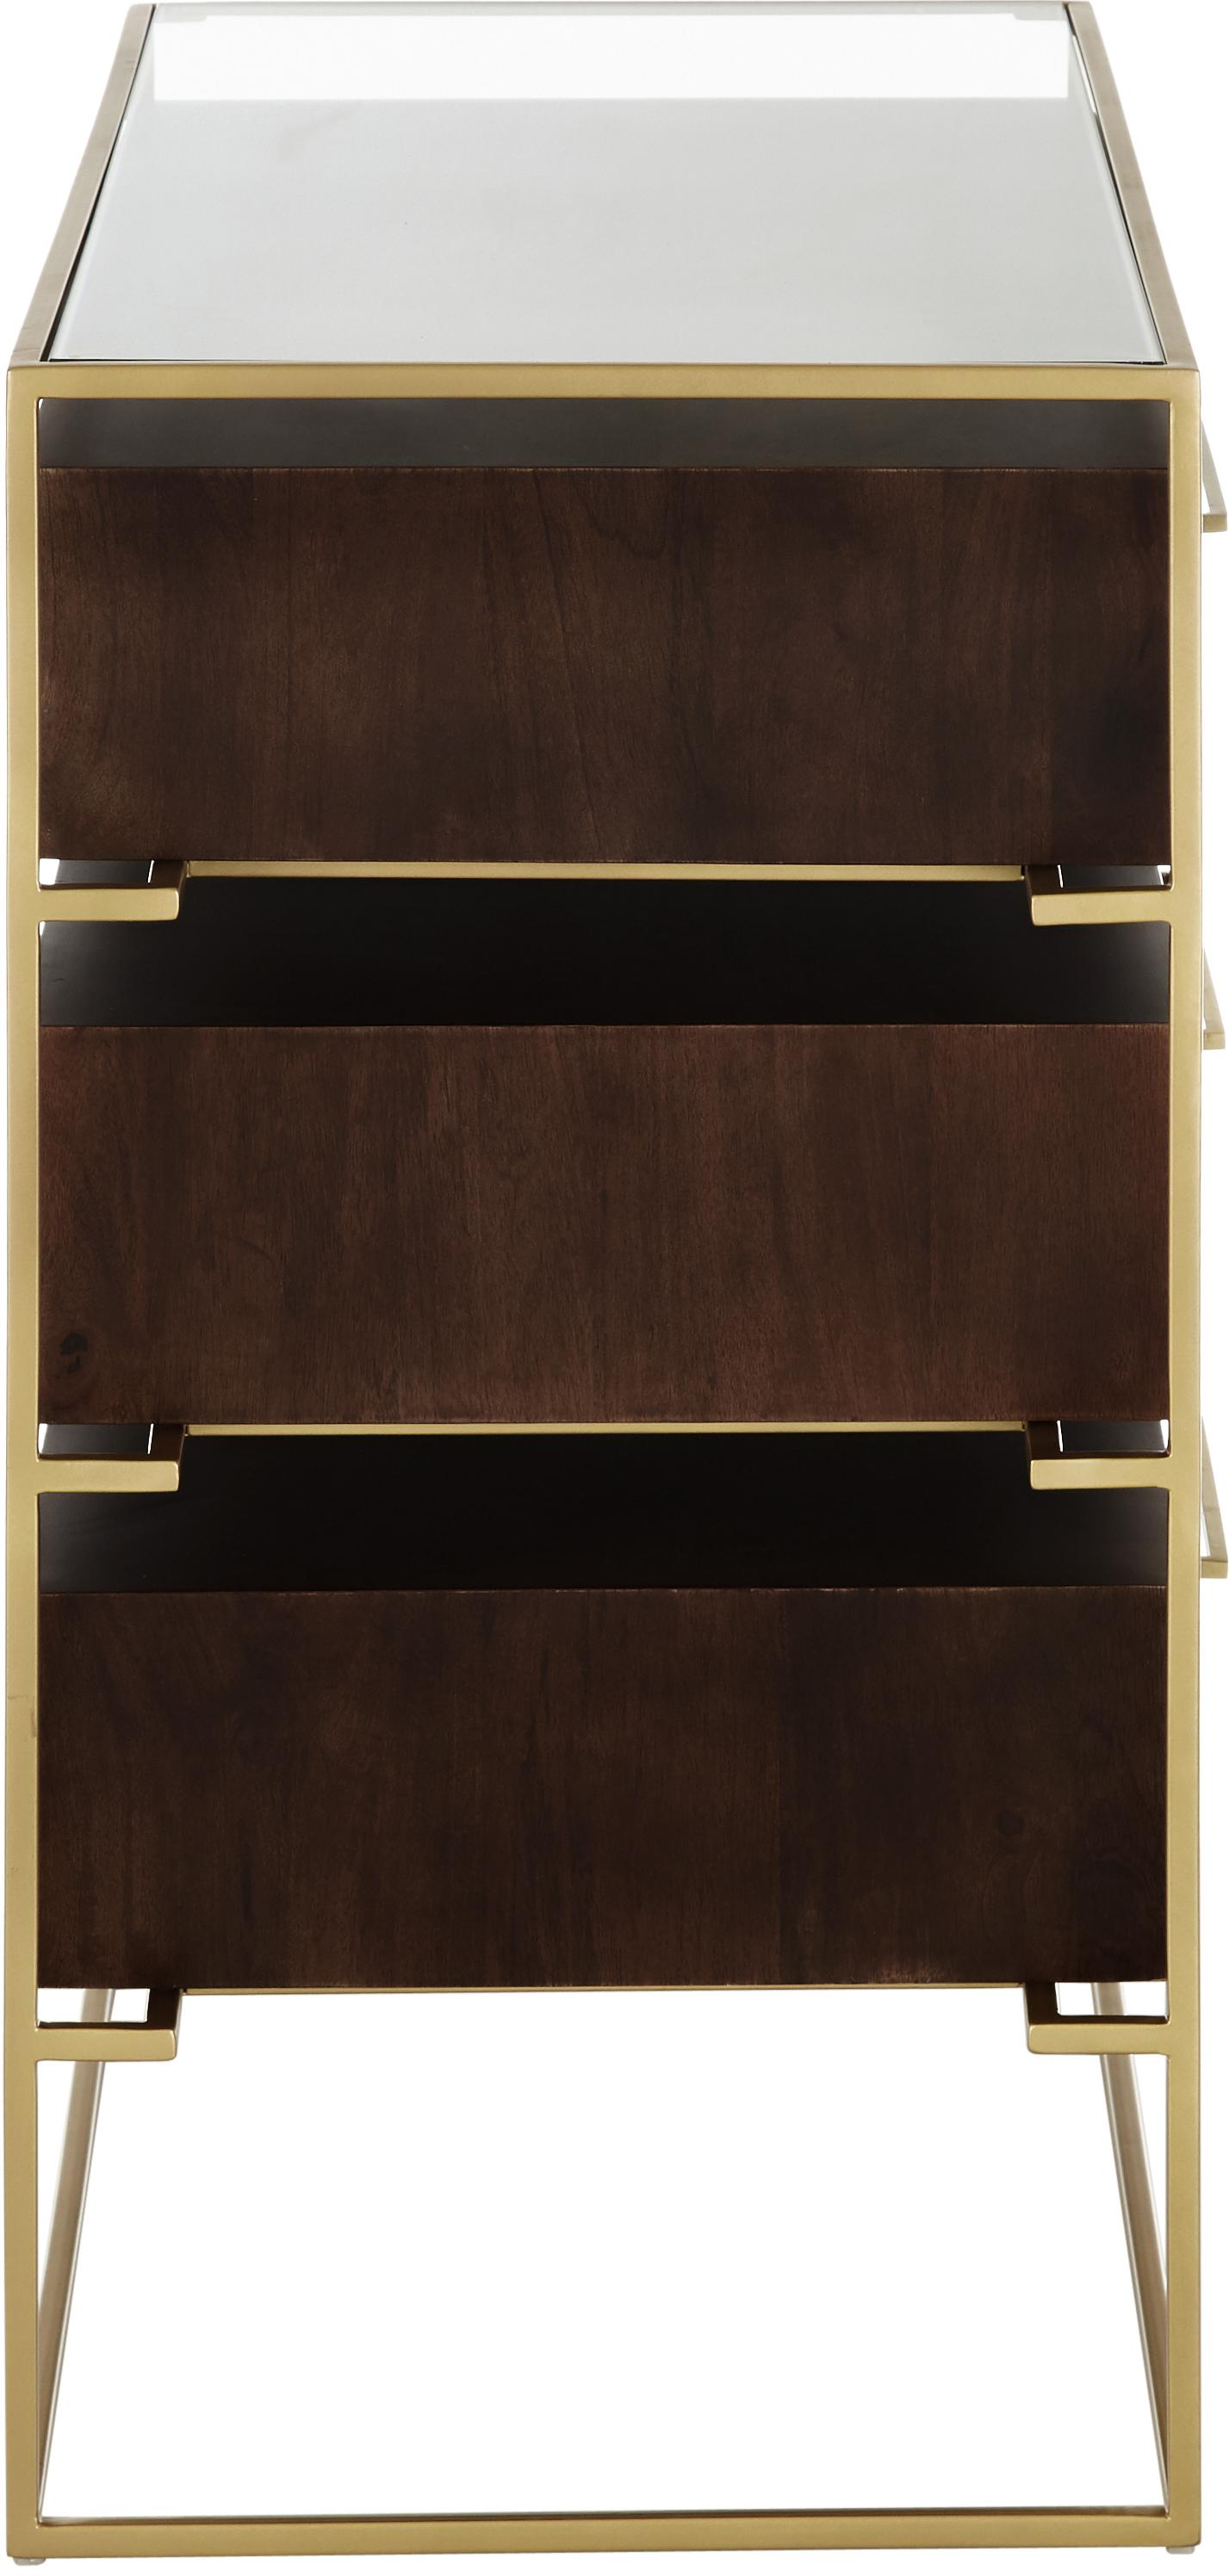 Szafka z szufladami ze szklanym blatem Lyle, Drewno mangowe, ciemny lakierowany, S 100 x D 82 cm